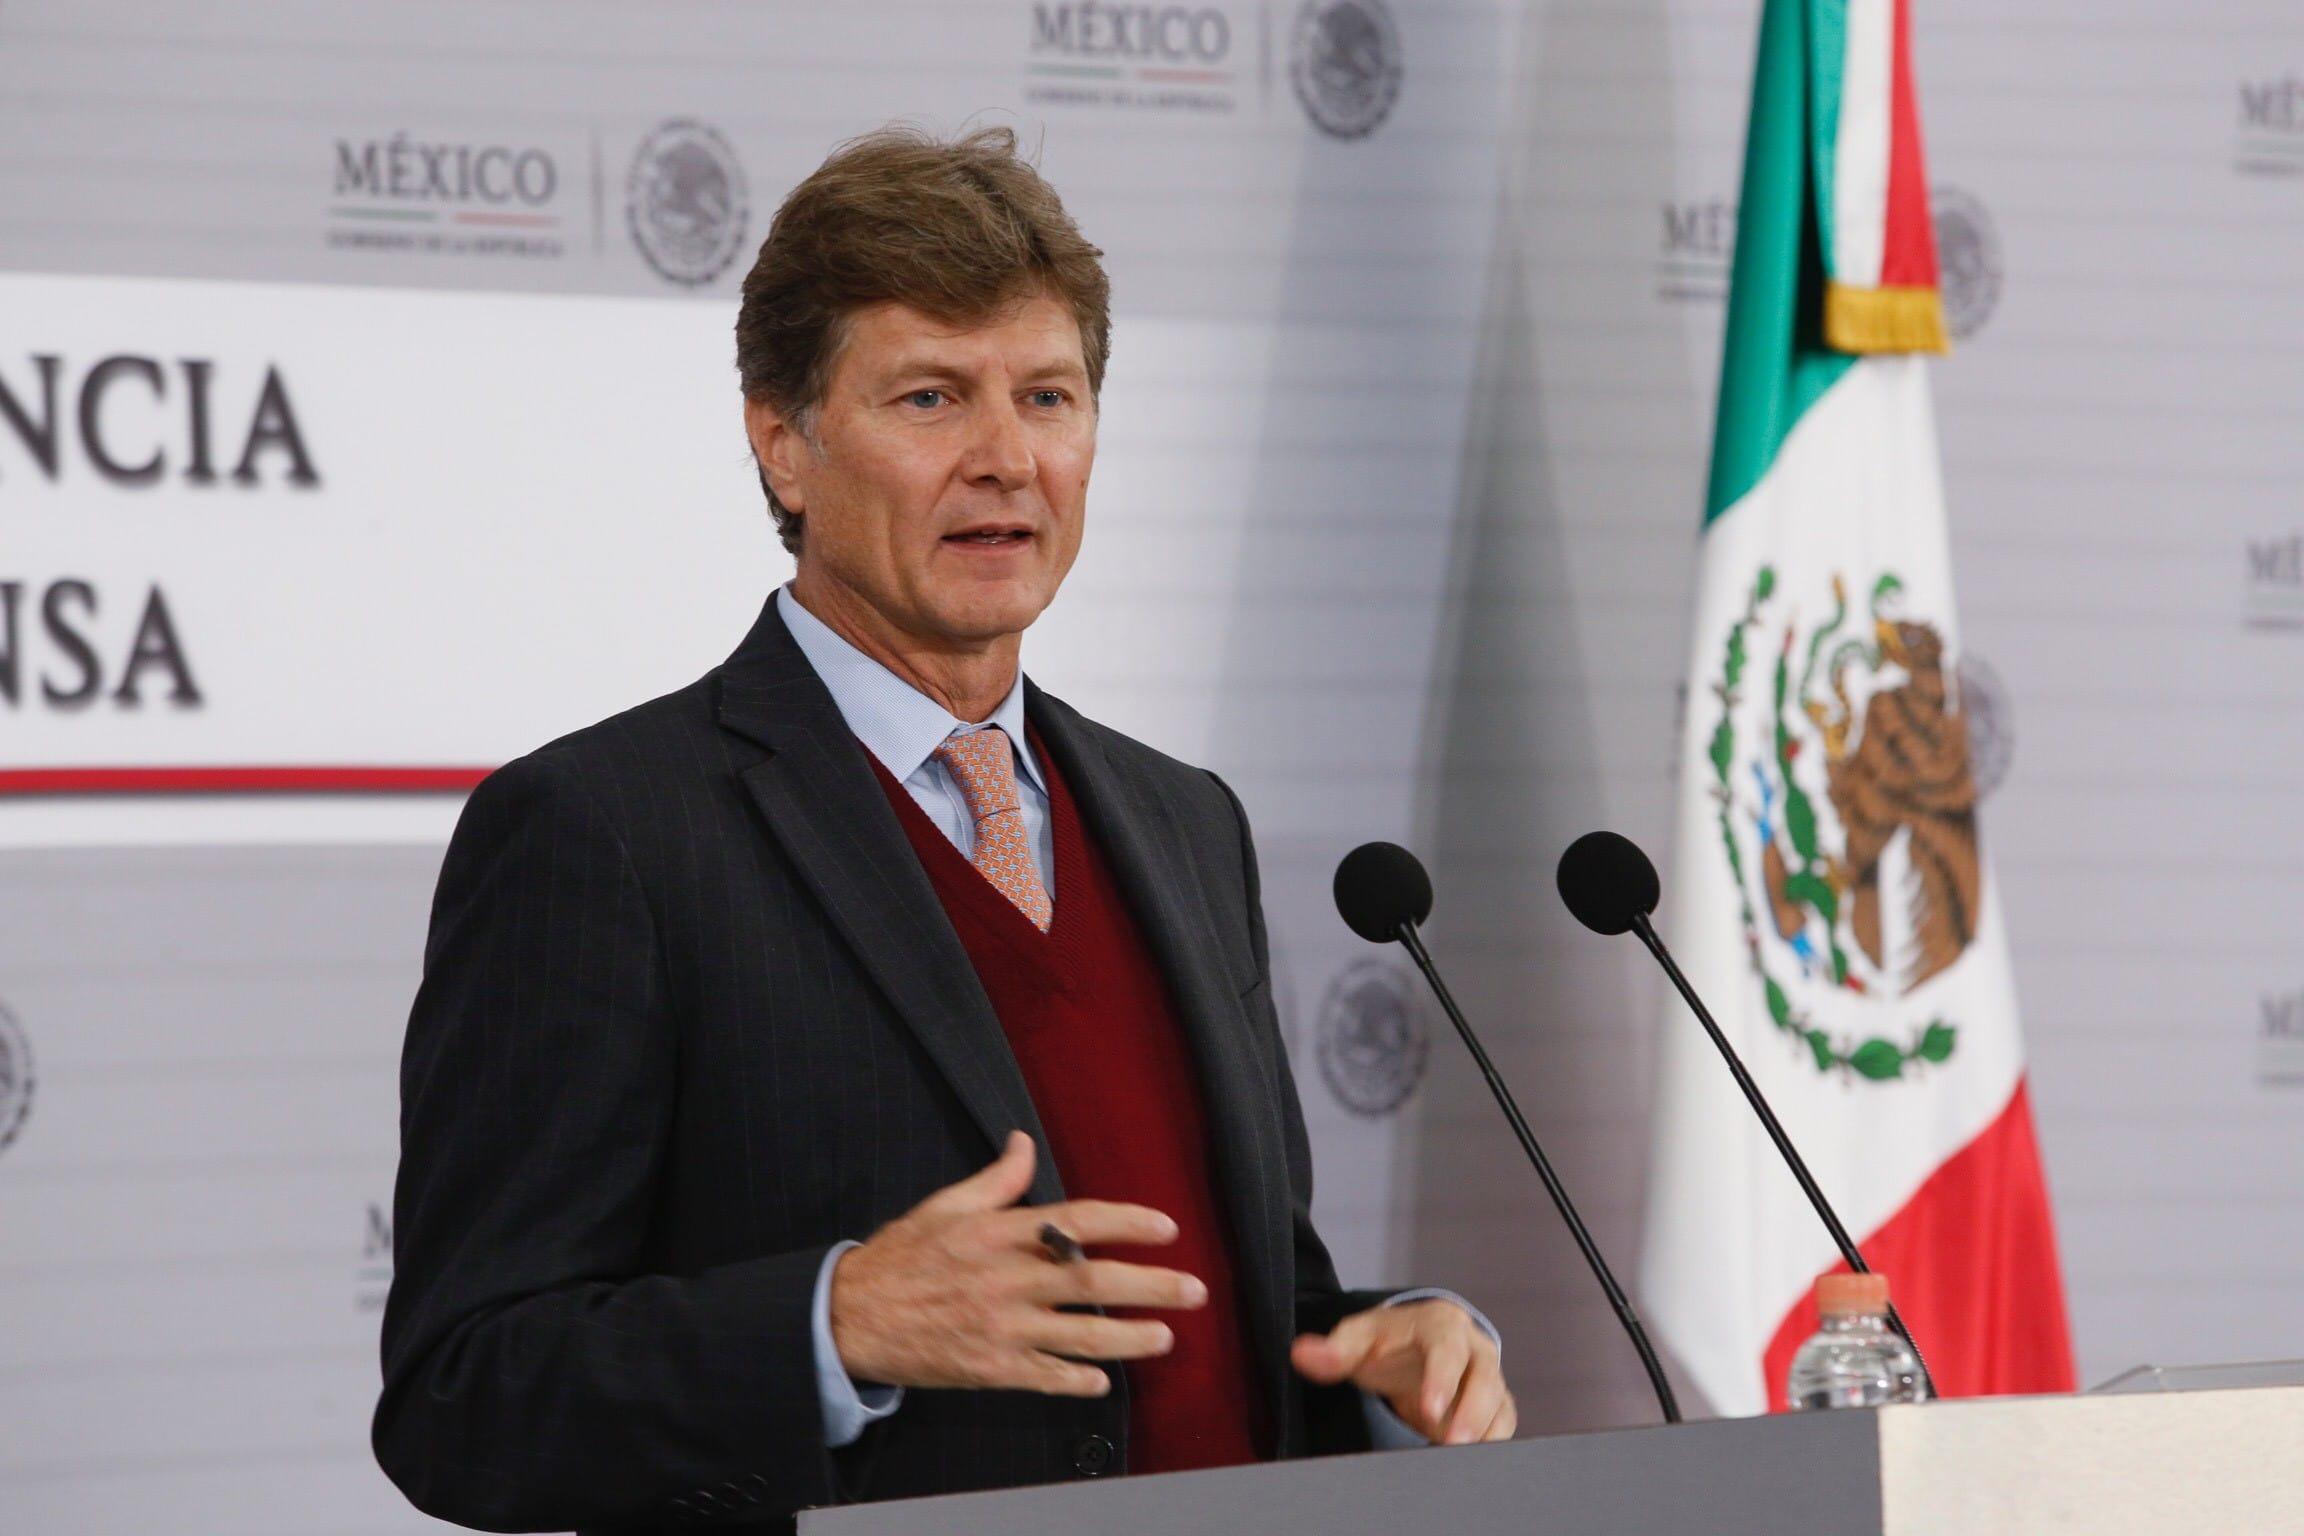 Ministro de Turismo propone legalizar la marihuana para contrarrestar la inseguridad — México